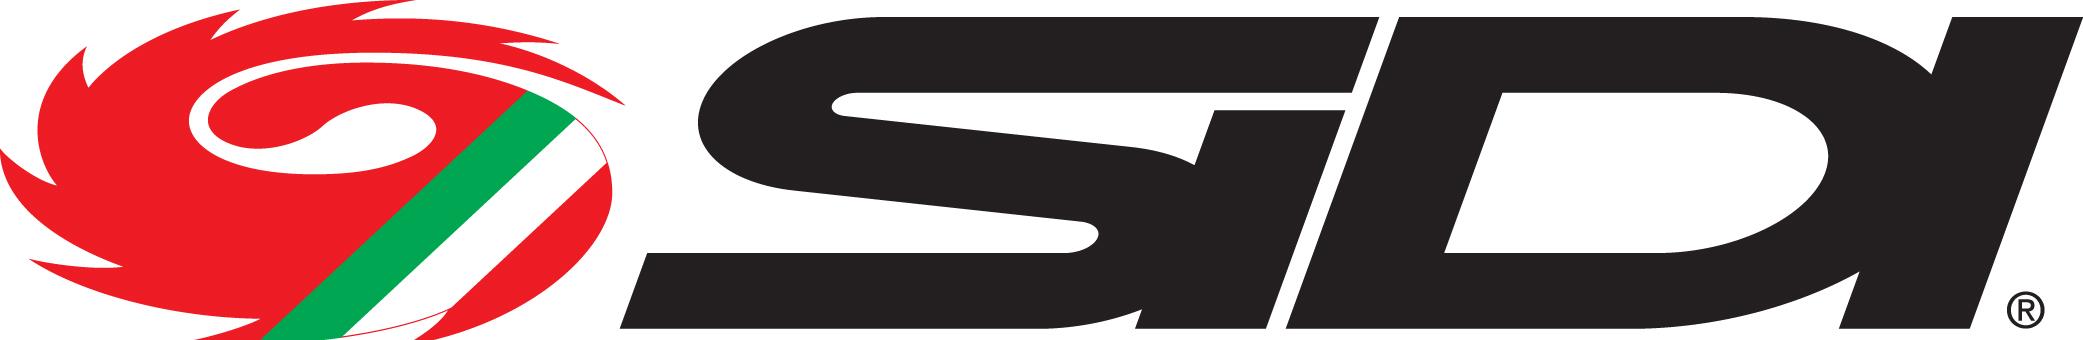 Sidi Logo 2013 Texas Roadhouse Cycling Team